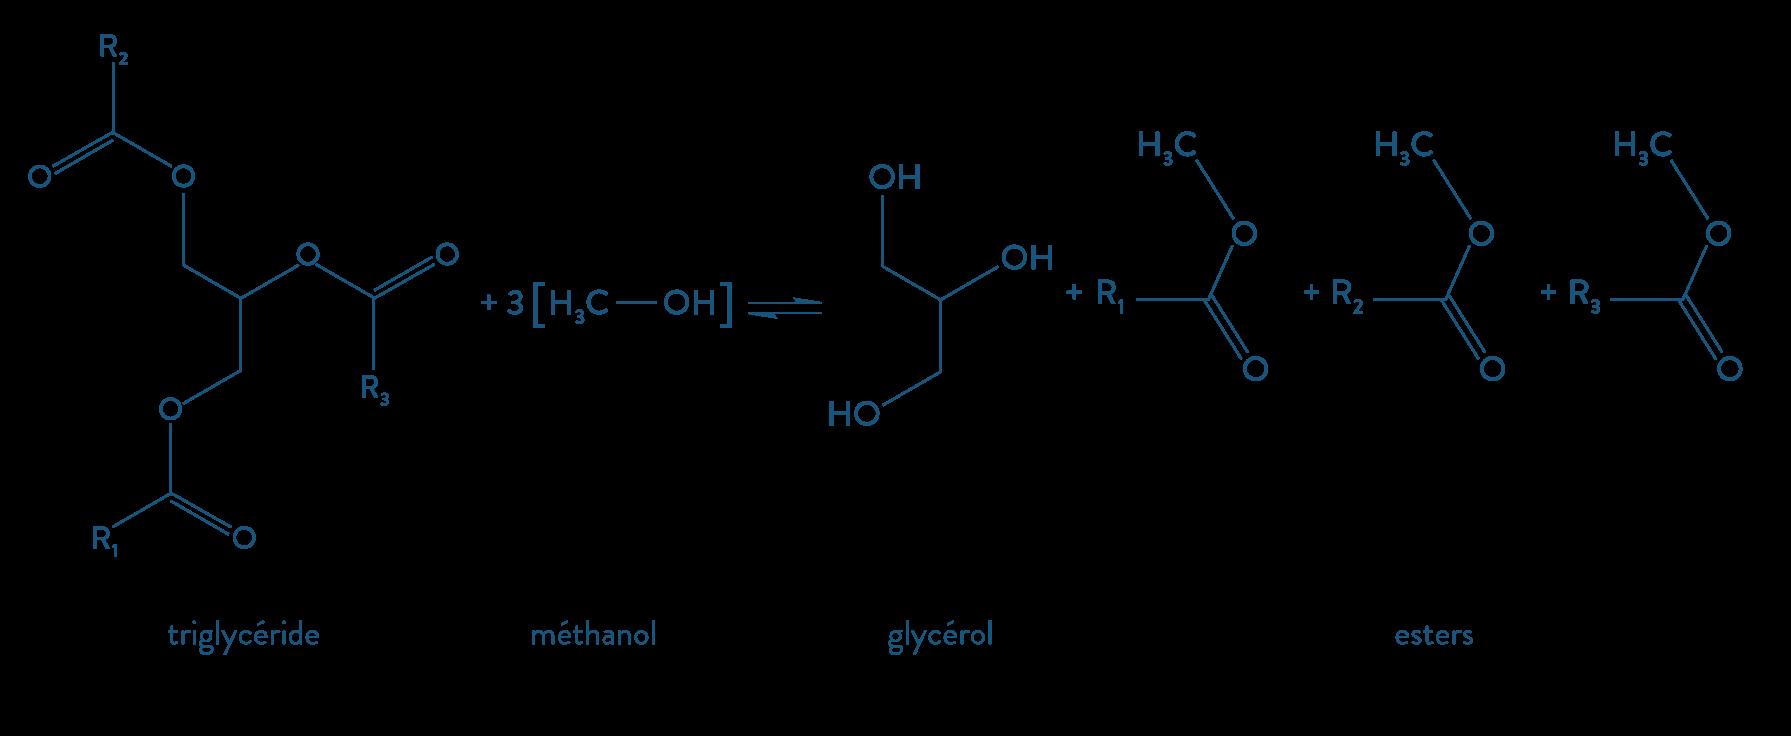 physique chimie première réforme synthèse organique biodiesel transestérification ester